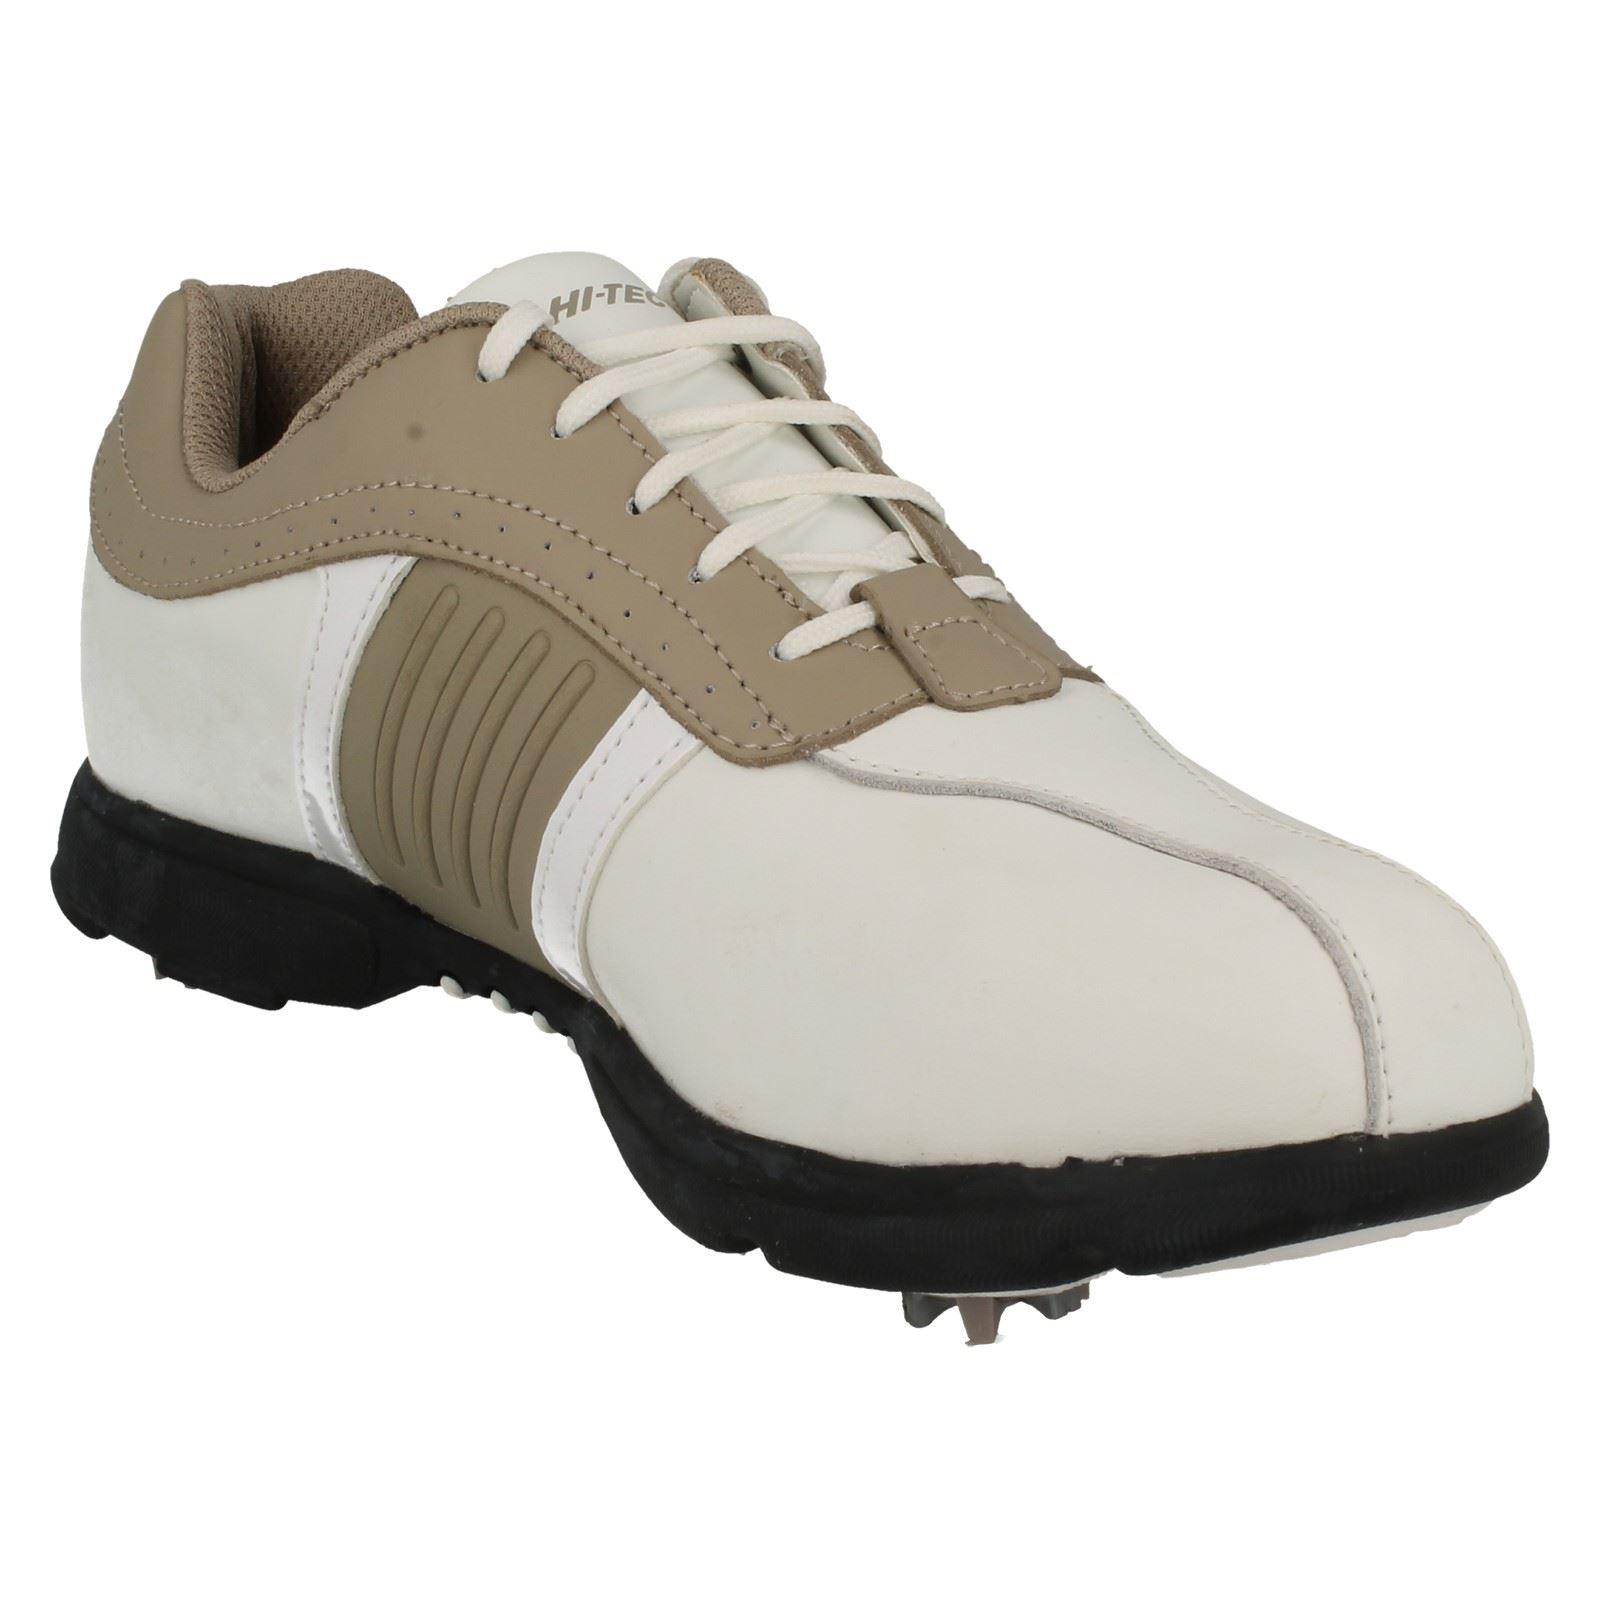 Hi Tec Womens Golf Shoes